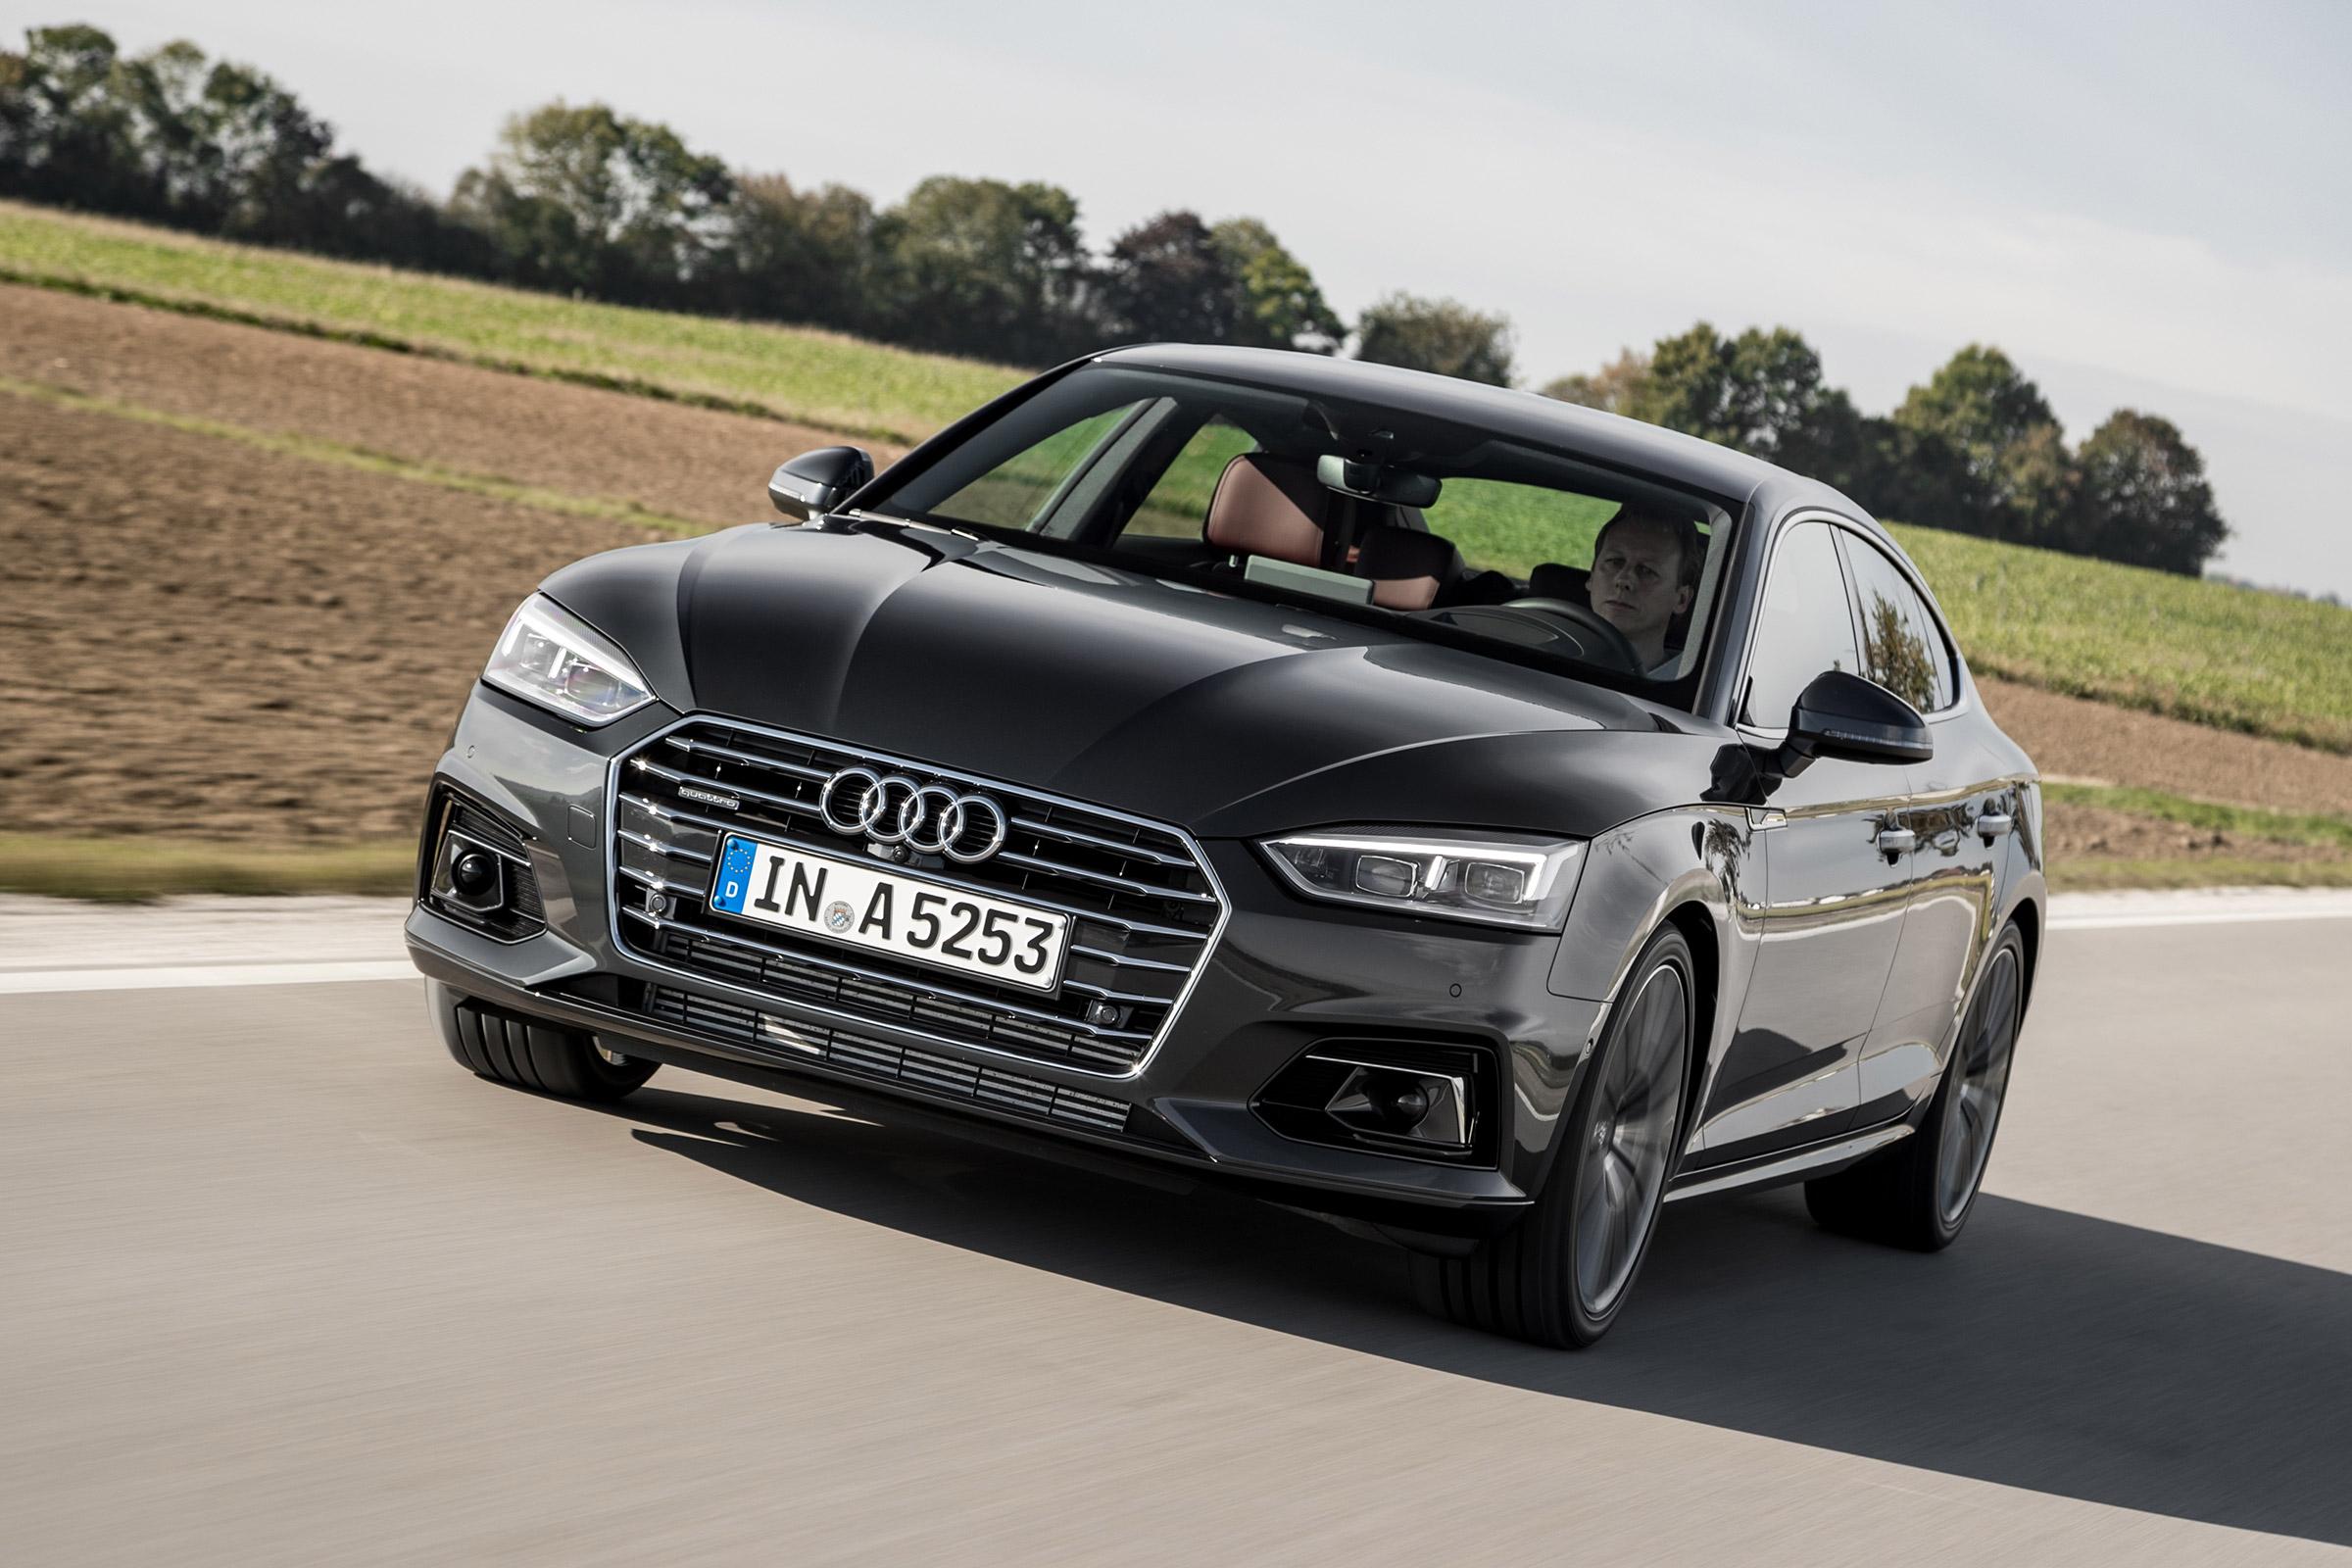 Kelebihan Kekurangan Audi A5 Sportback 2016 Review